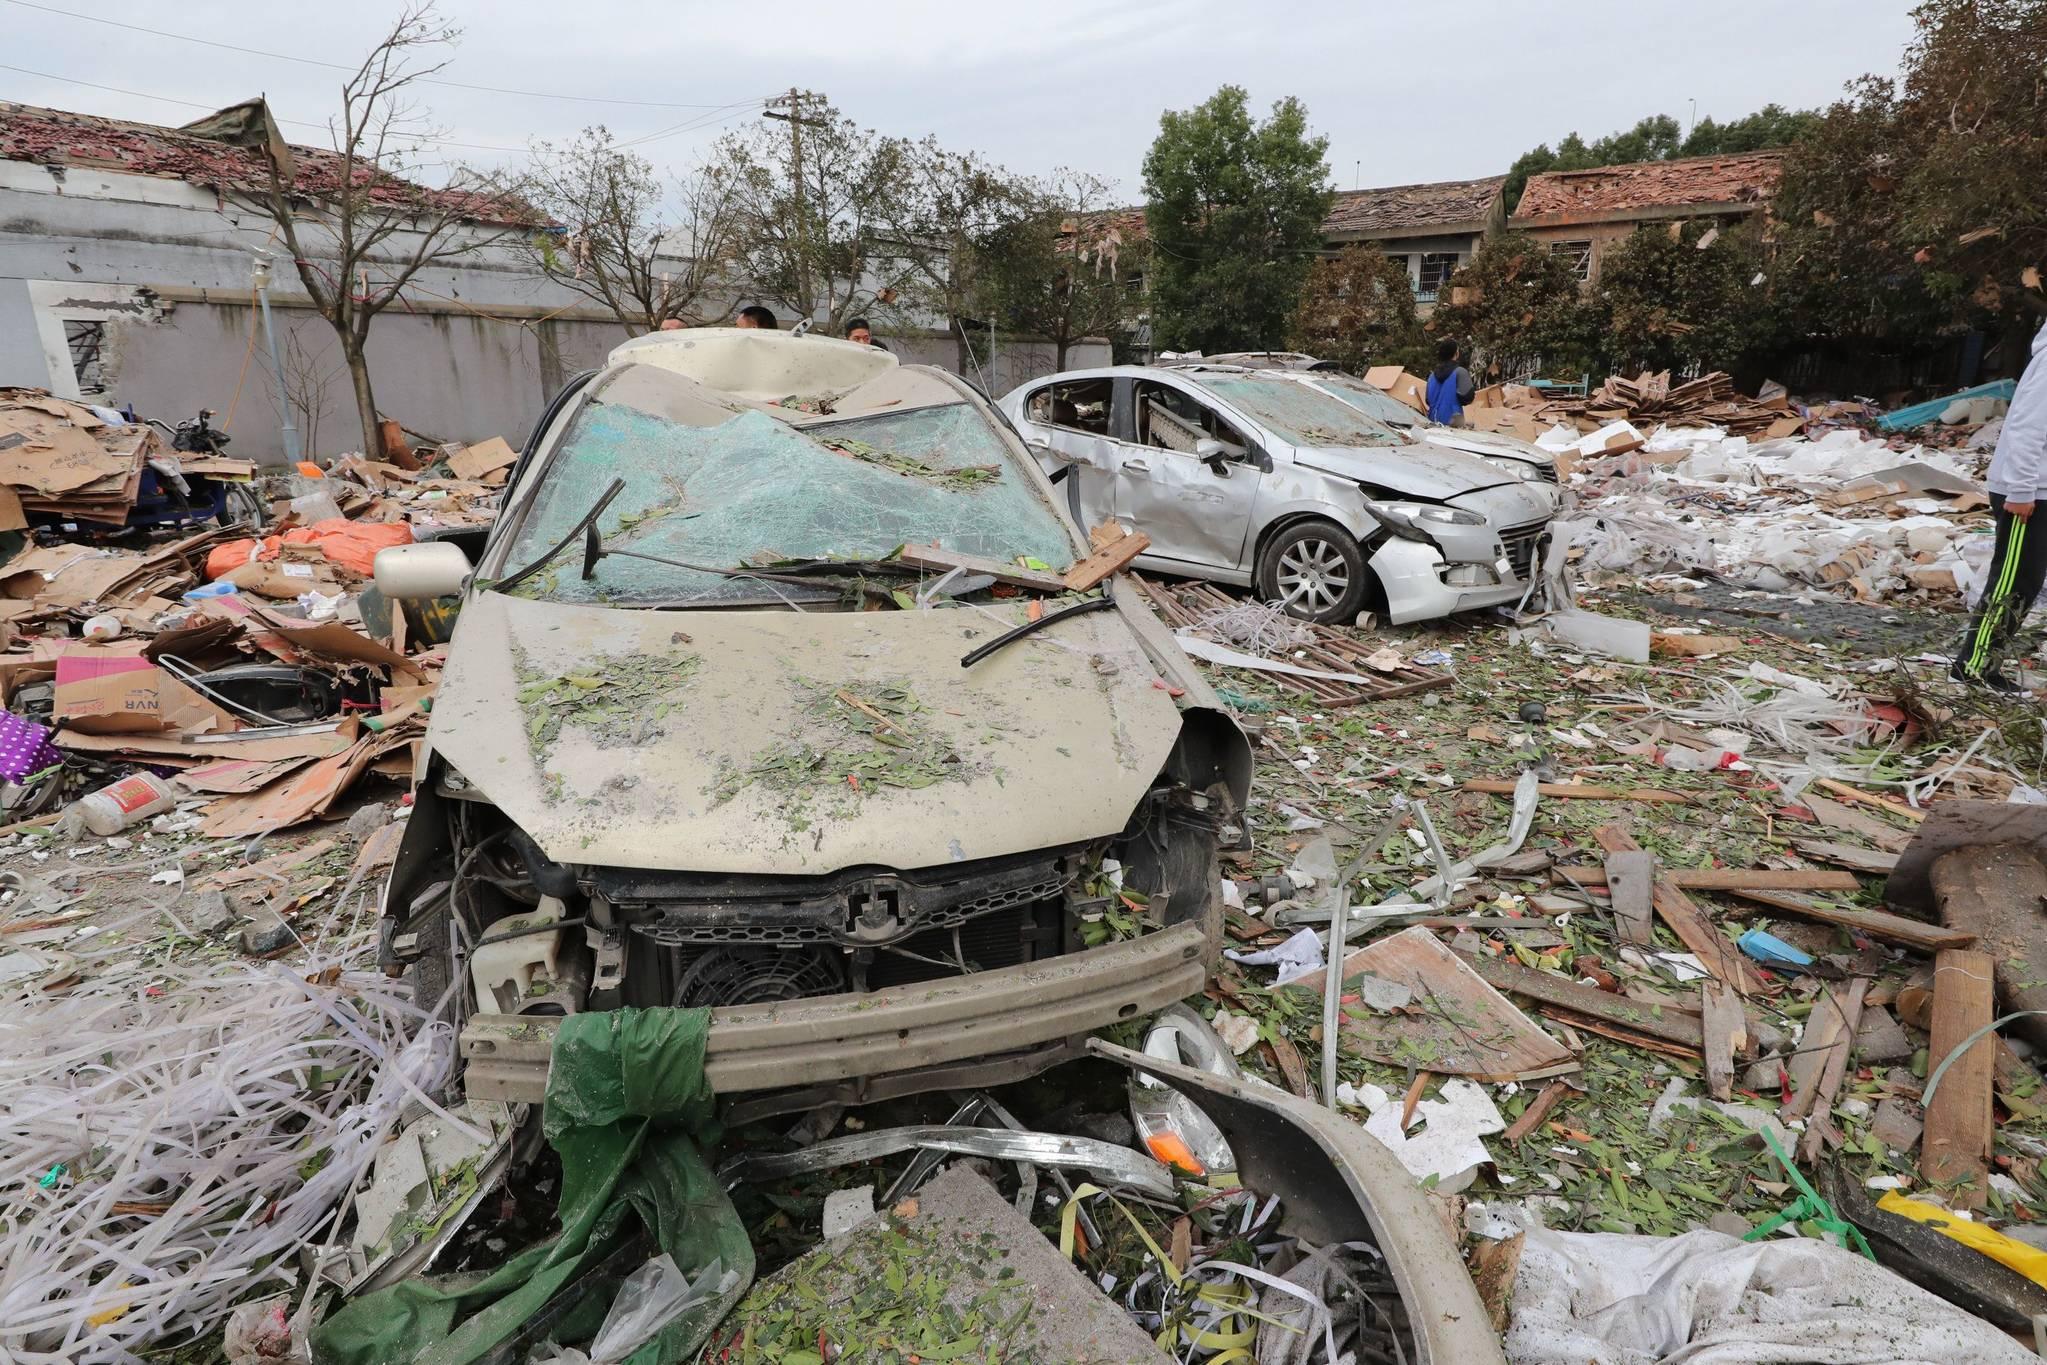 26일 중국 동부 저장성 닝보에서 발생한 폭발사고로 건물이 무너지고 차량들이 파괴돼있다. 이날 사고로 30여명의 사상자가 발생했다.[AFP=연합뉴스]